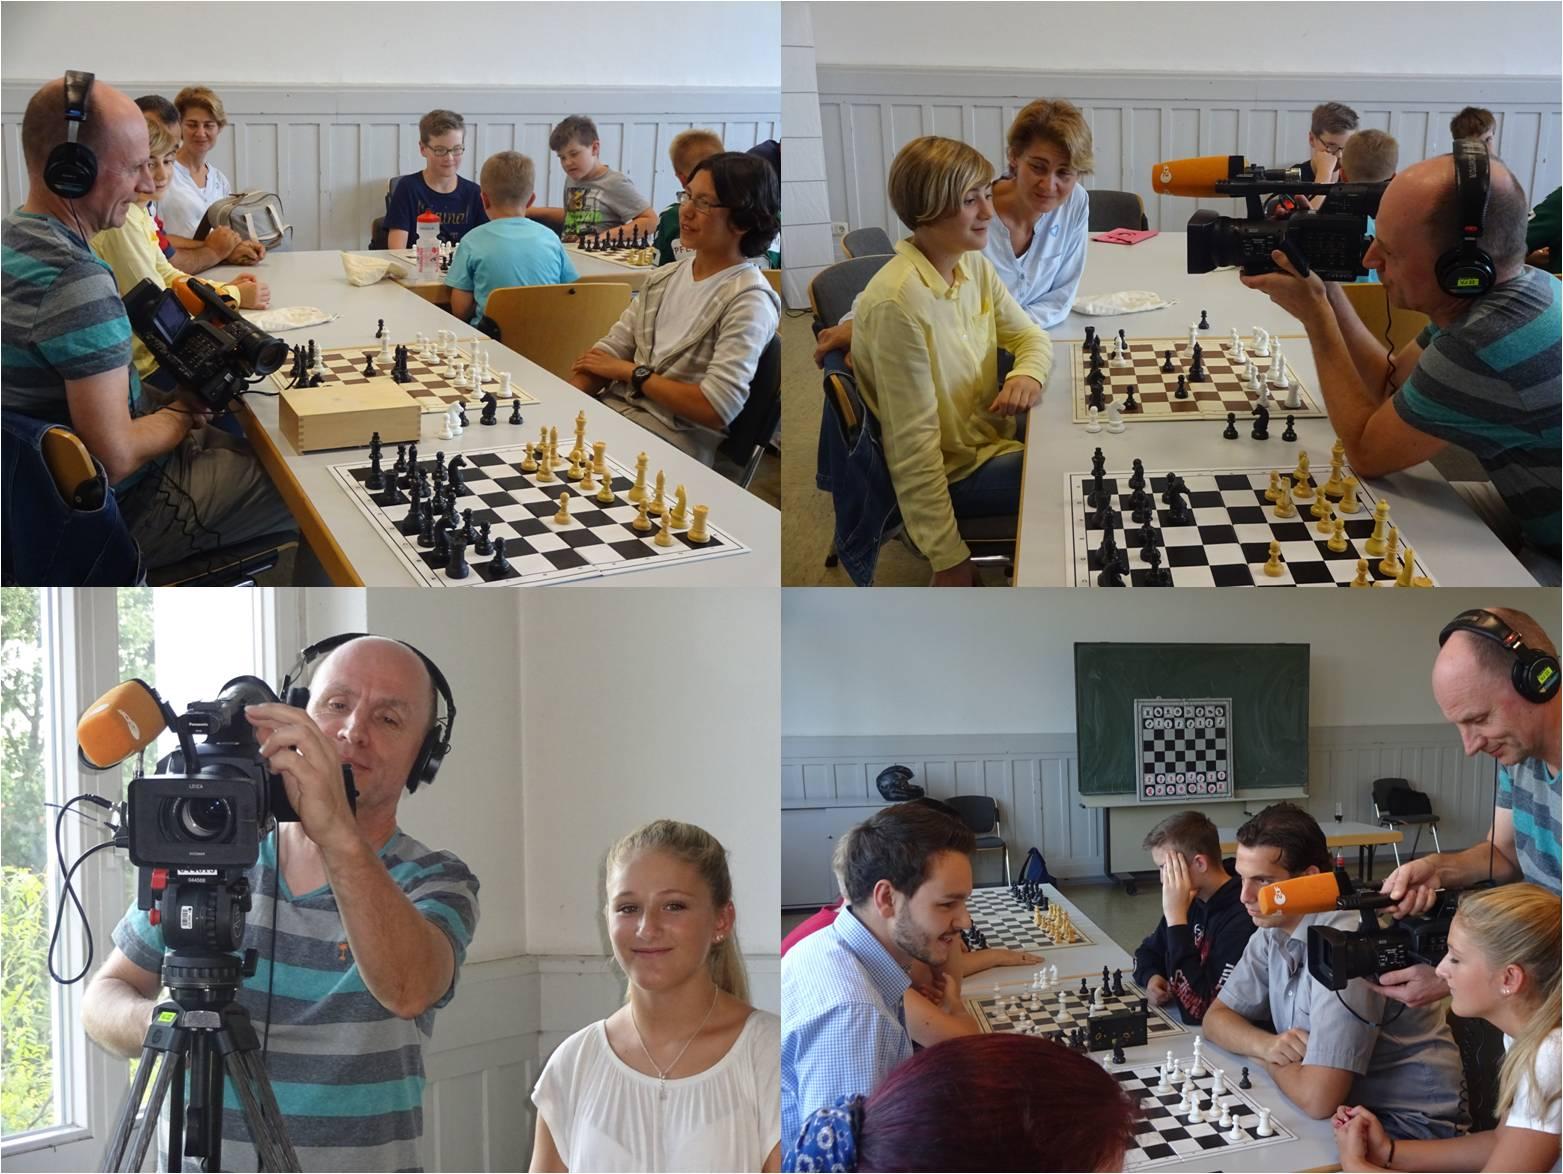 Schachklub Königsjäger Hungen e.V. | Nachricht zum Thema Integration von Flüchtlingen